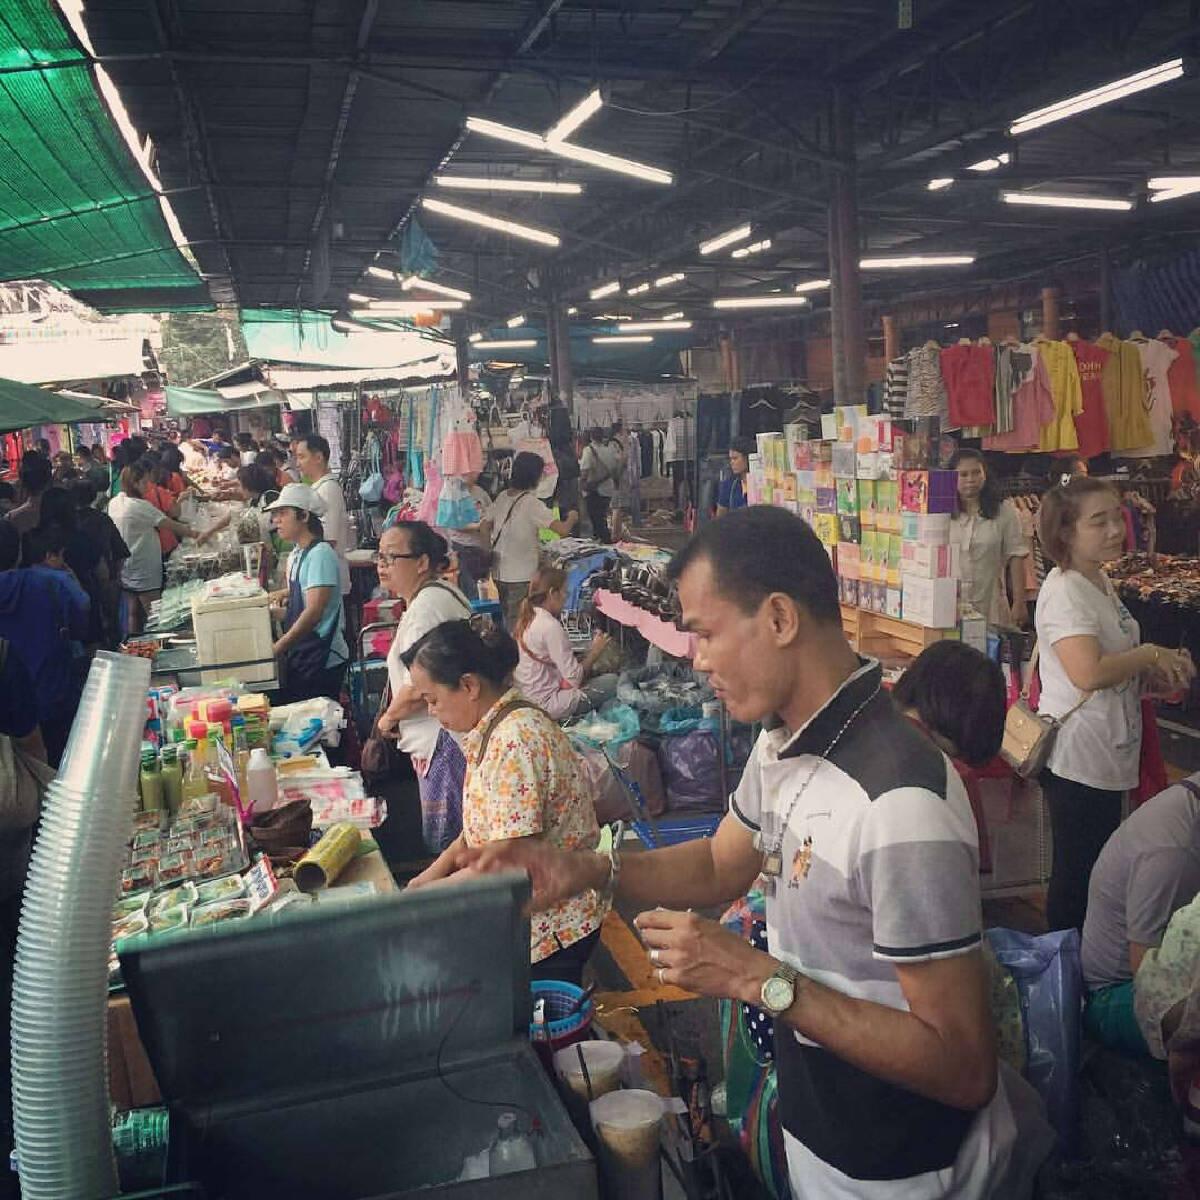 """ใจหาย! ชาวเน็ตเผยภาพทุบ """"ตลาดคลองสาน พลาซ่า"""" เพื่อเตรียมส่งคืนการรถไฟฯ"""